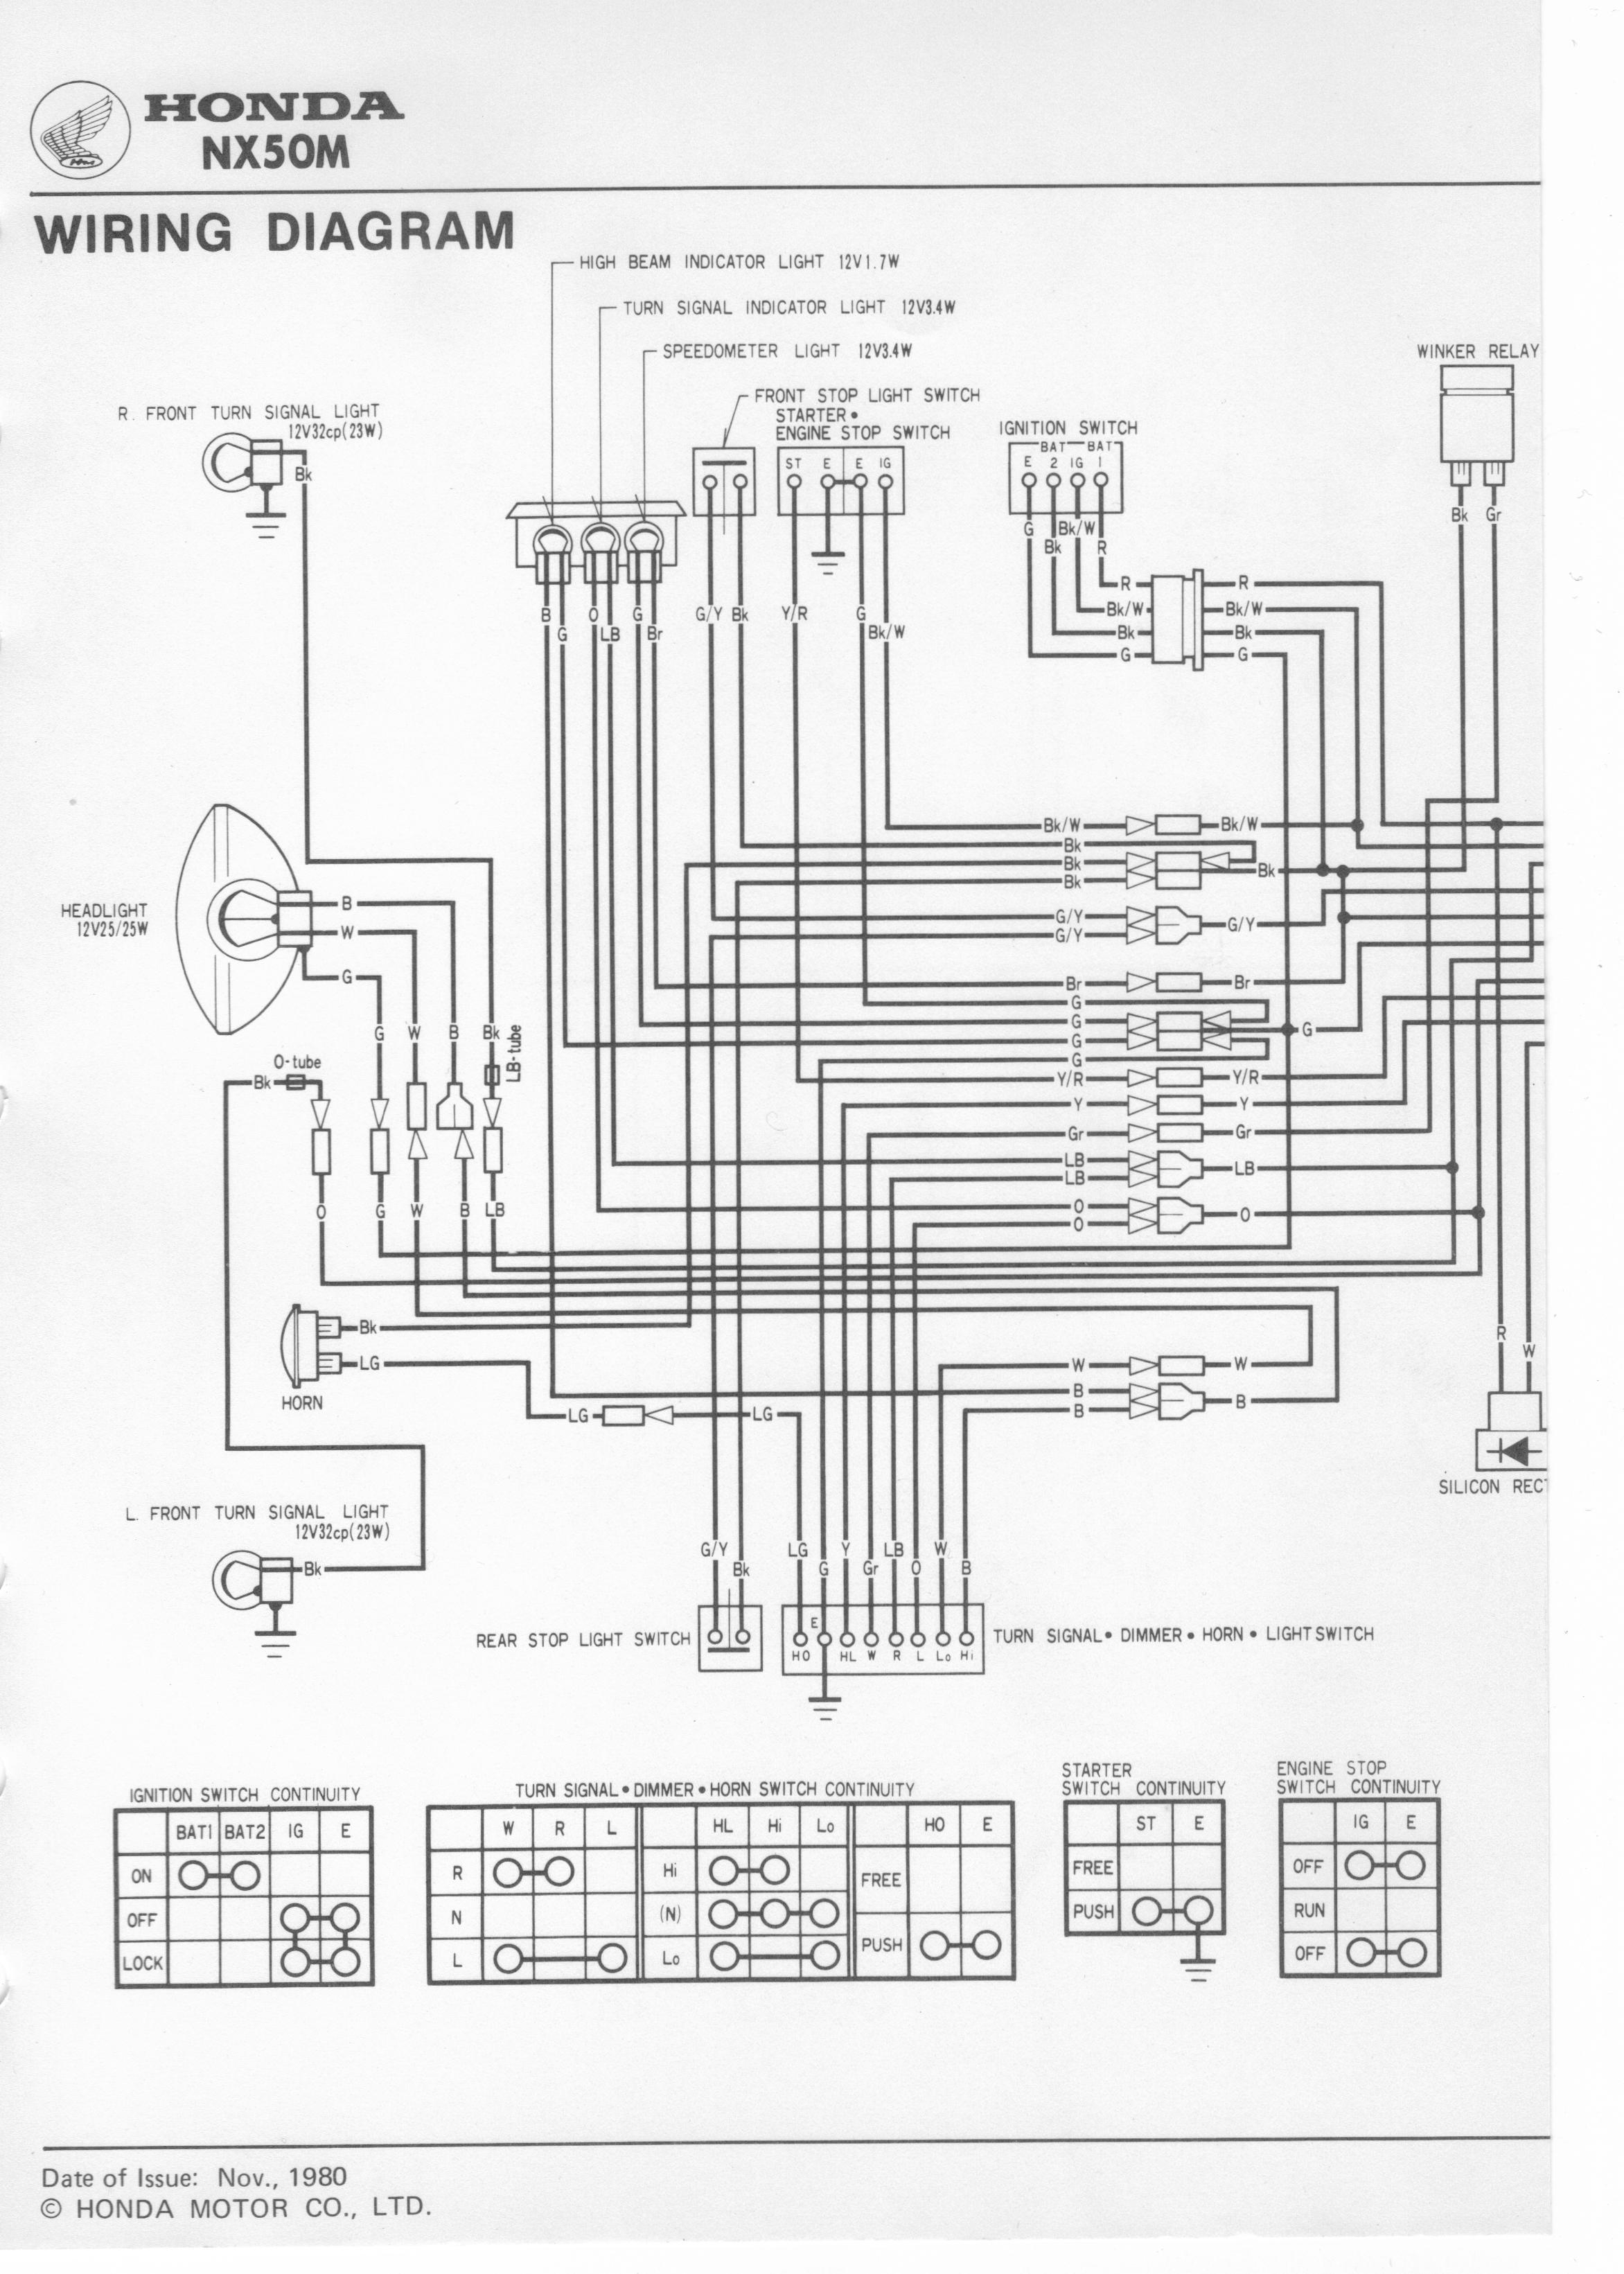 1982 Honda Vf750C Magna Wiring Diagram Database - Wiring ...